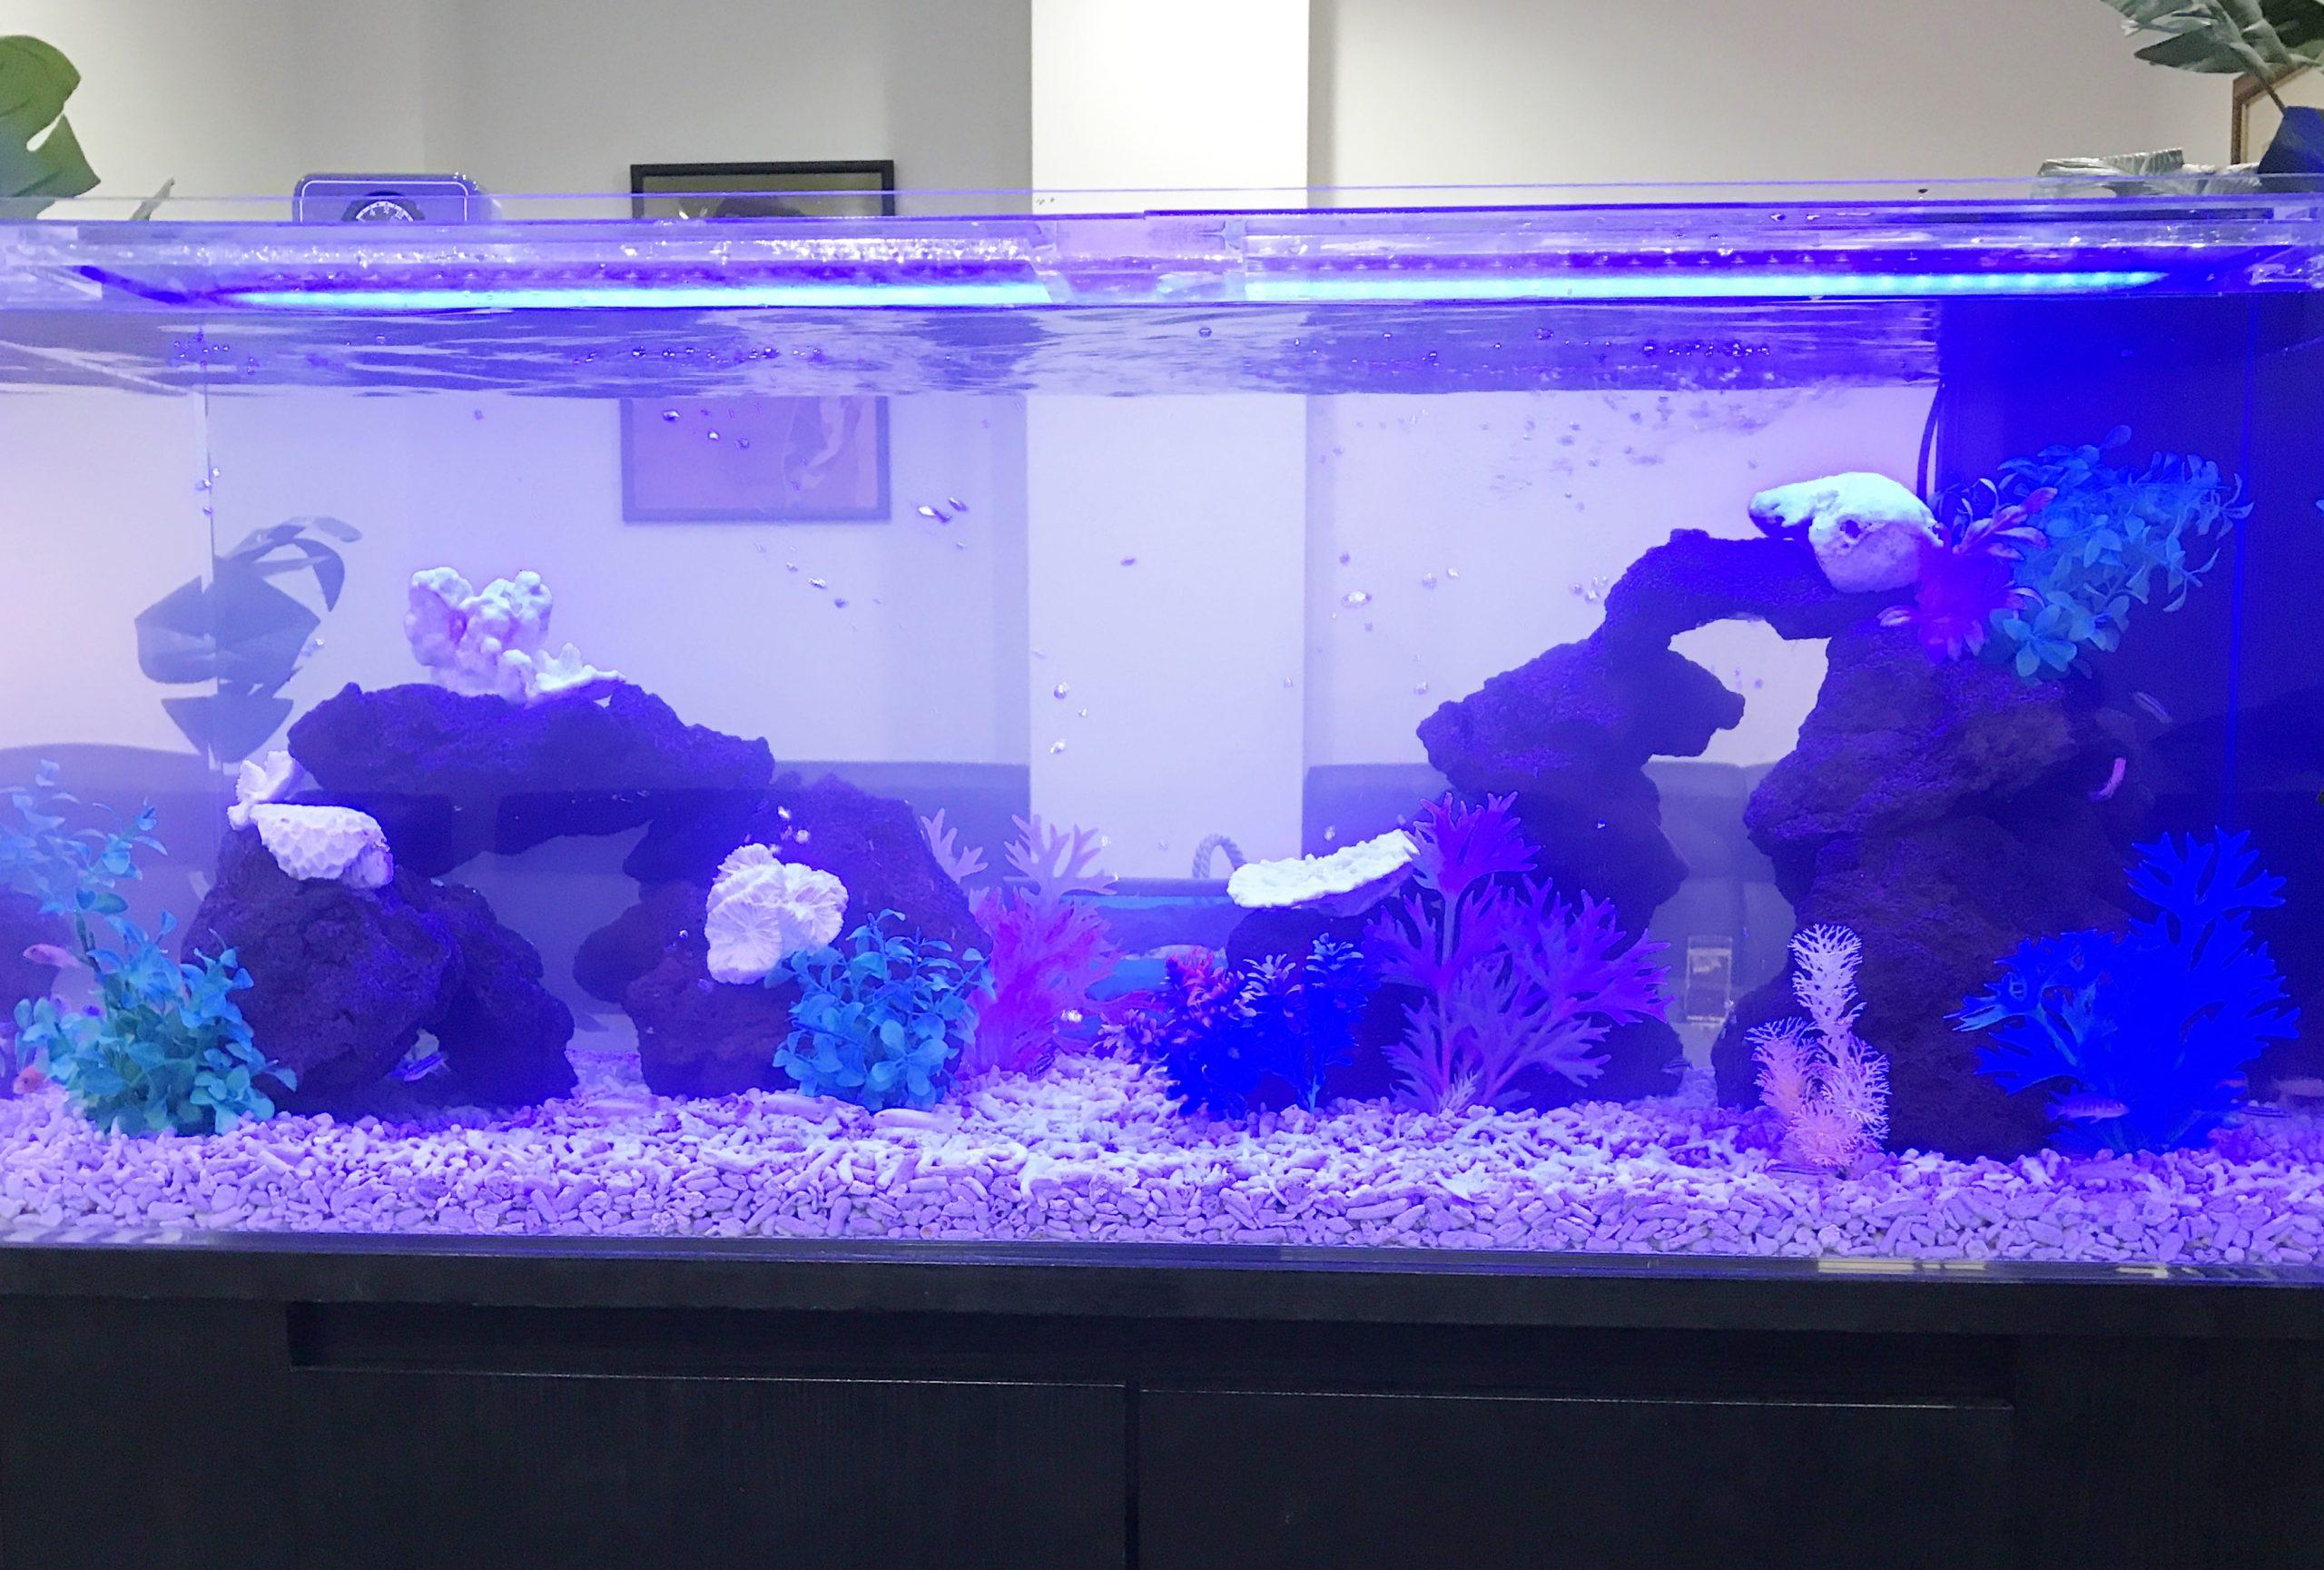 クラブ 120cm淡水魚水槽 アップ画像